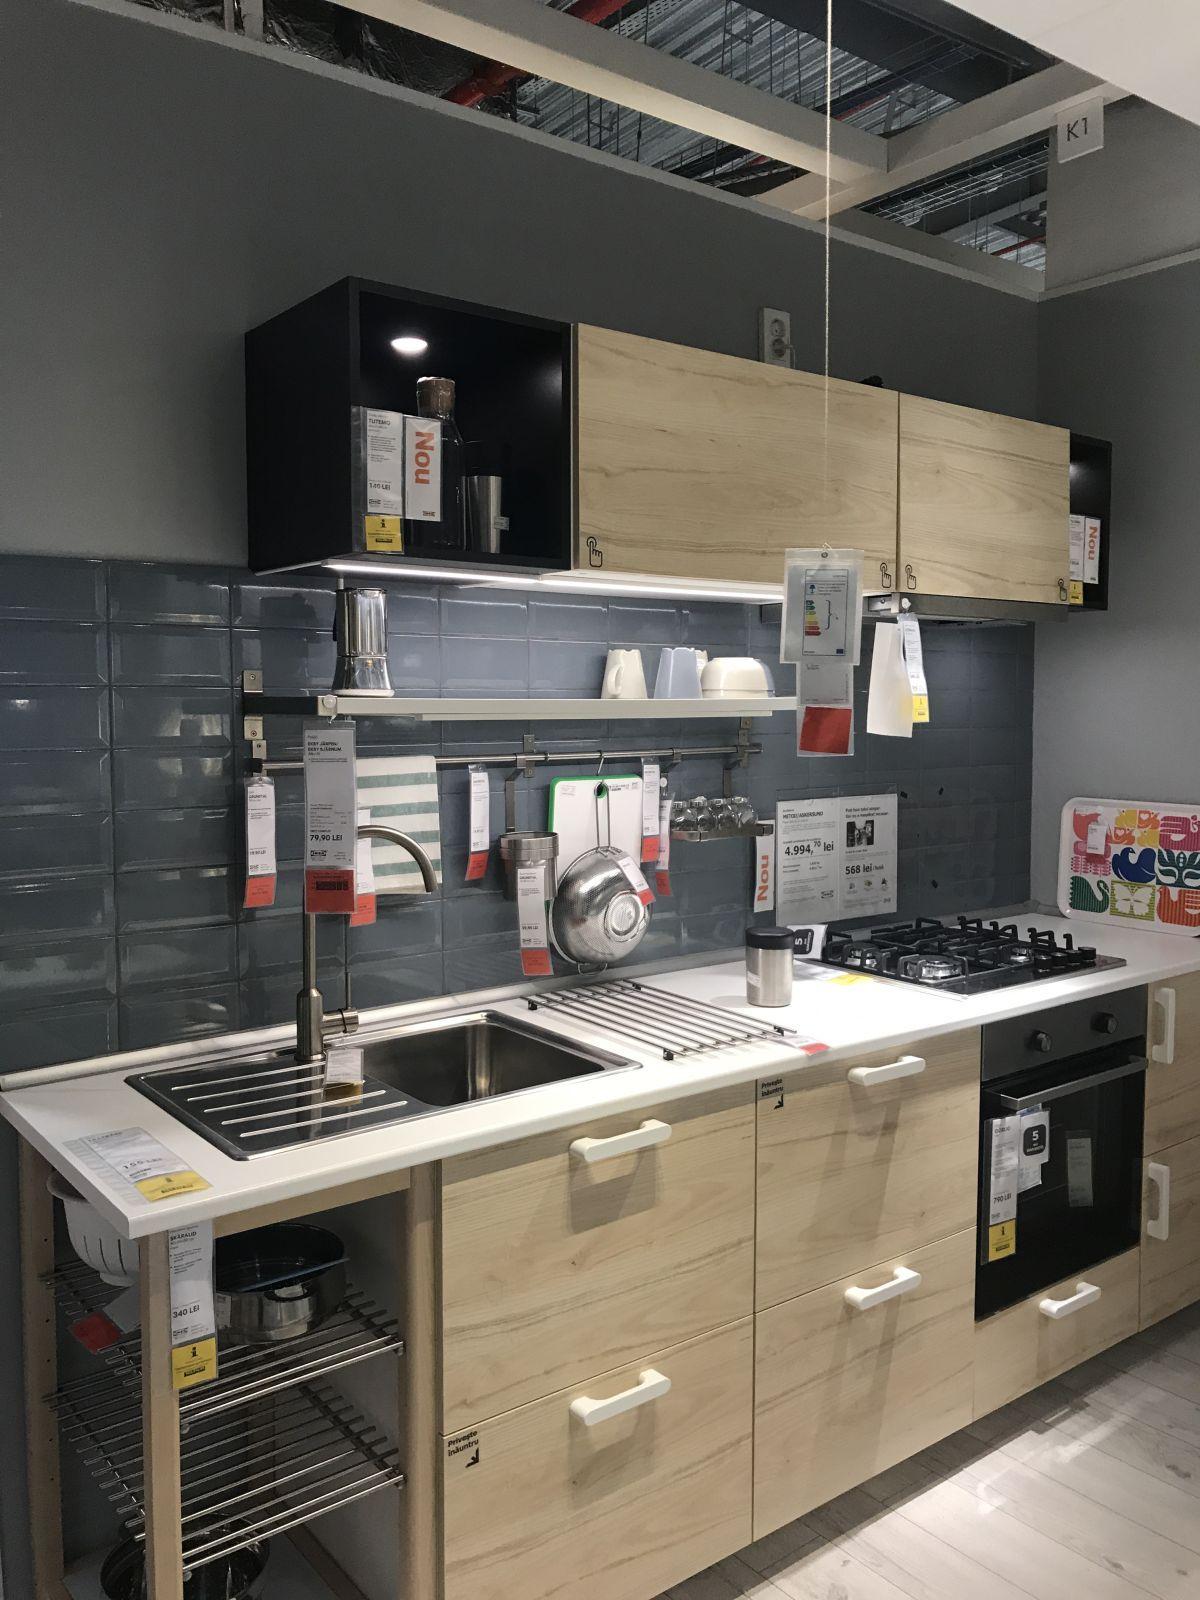 2 zimmer küchendesign erstellen sie einen stilvollen raum beginnend mit einem ikea